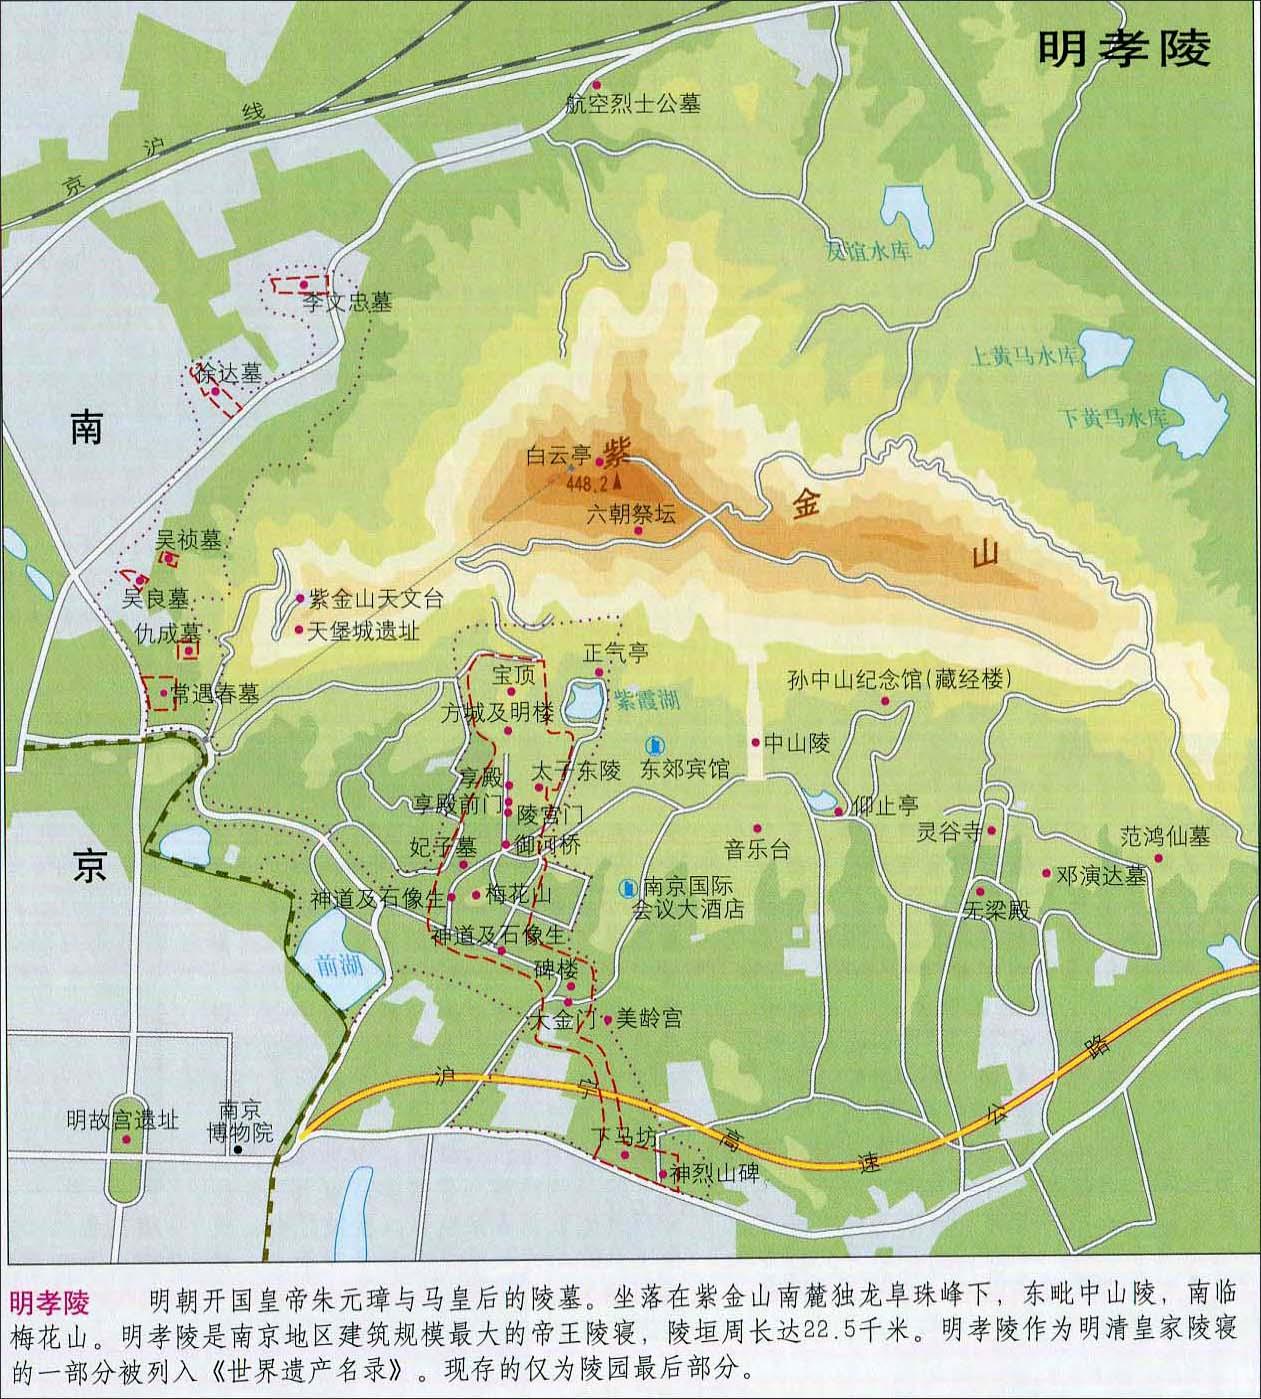 江苏淮安手绘地图